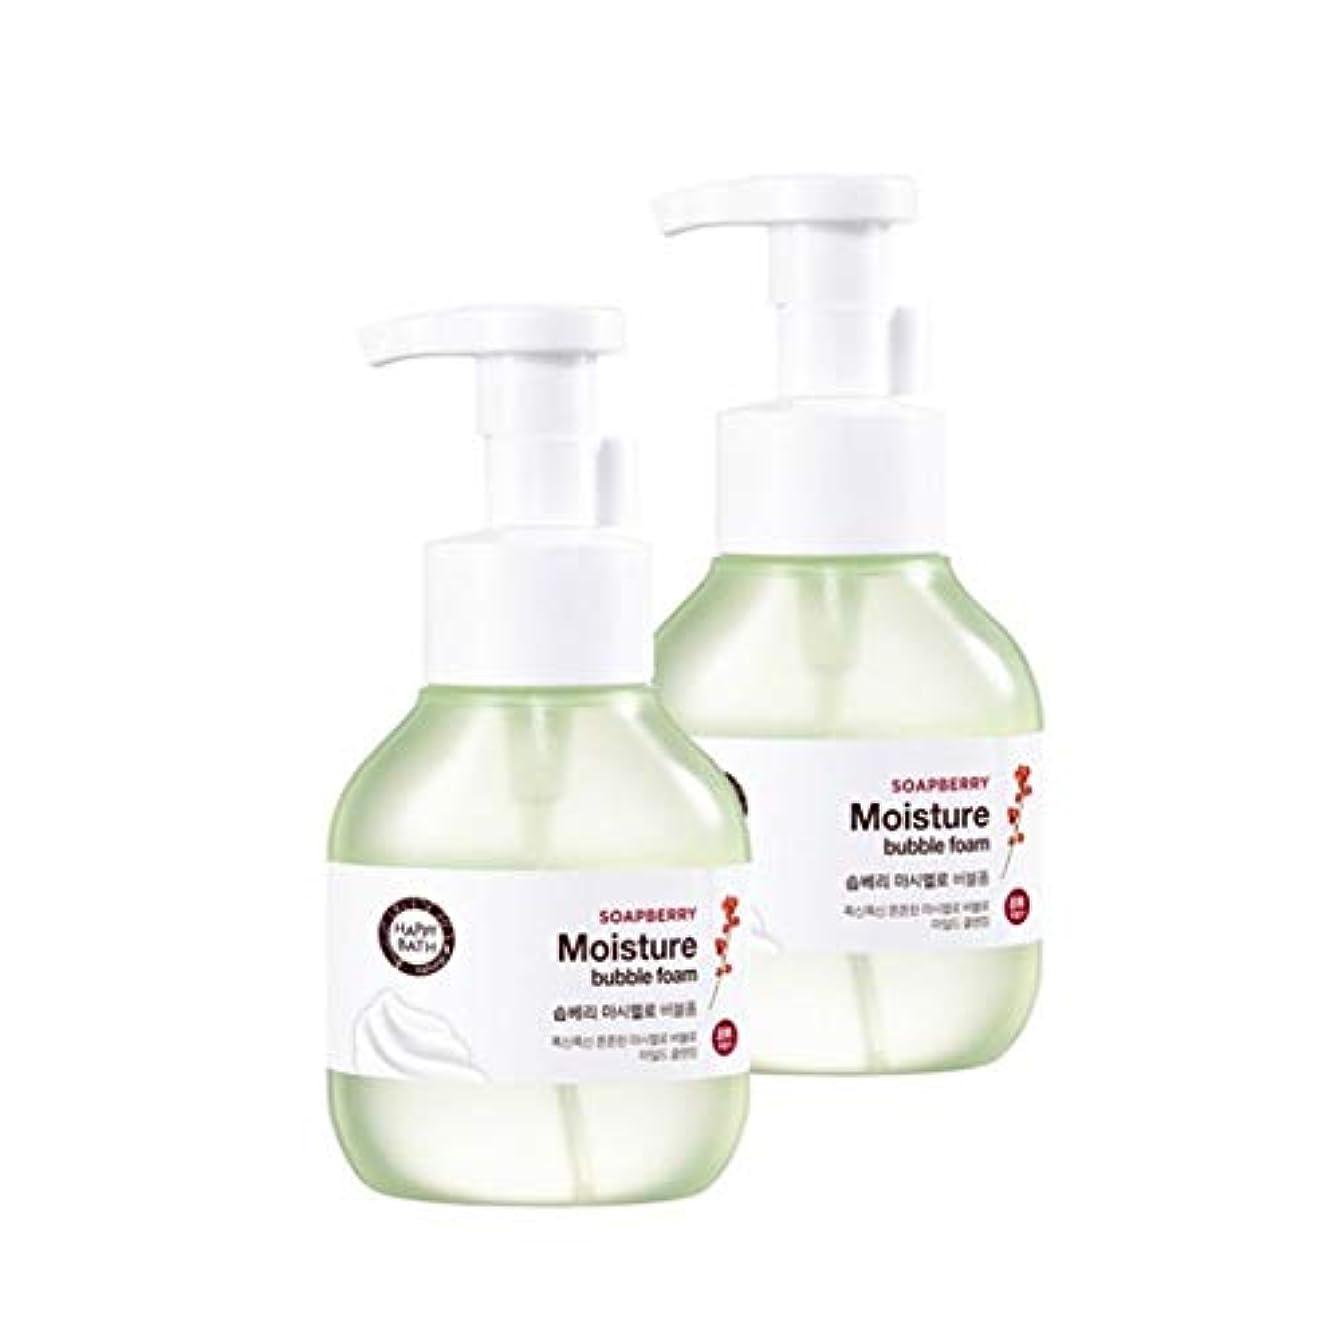 ハッピーバスソープベリーマシュマロバブルフォーム300mlx2本セット韓国コスメ、Happy Bath Soapberry Moisture Bubble Foam 300ml x 2ea Set Korean Cosmetics...